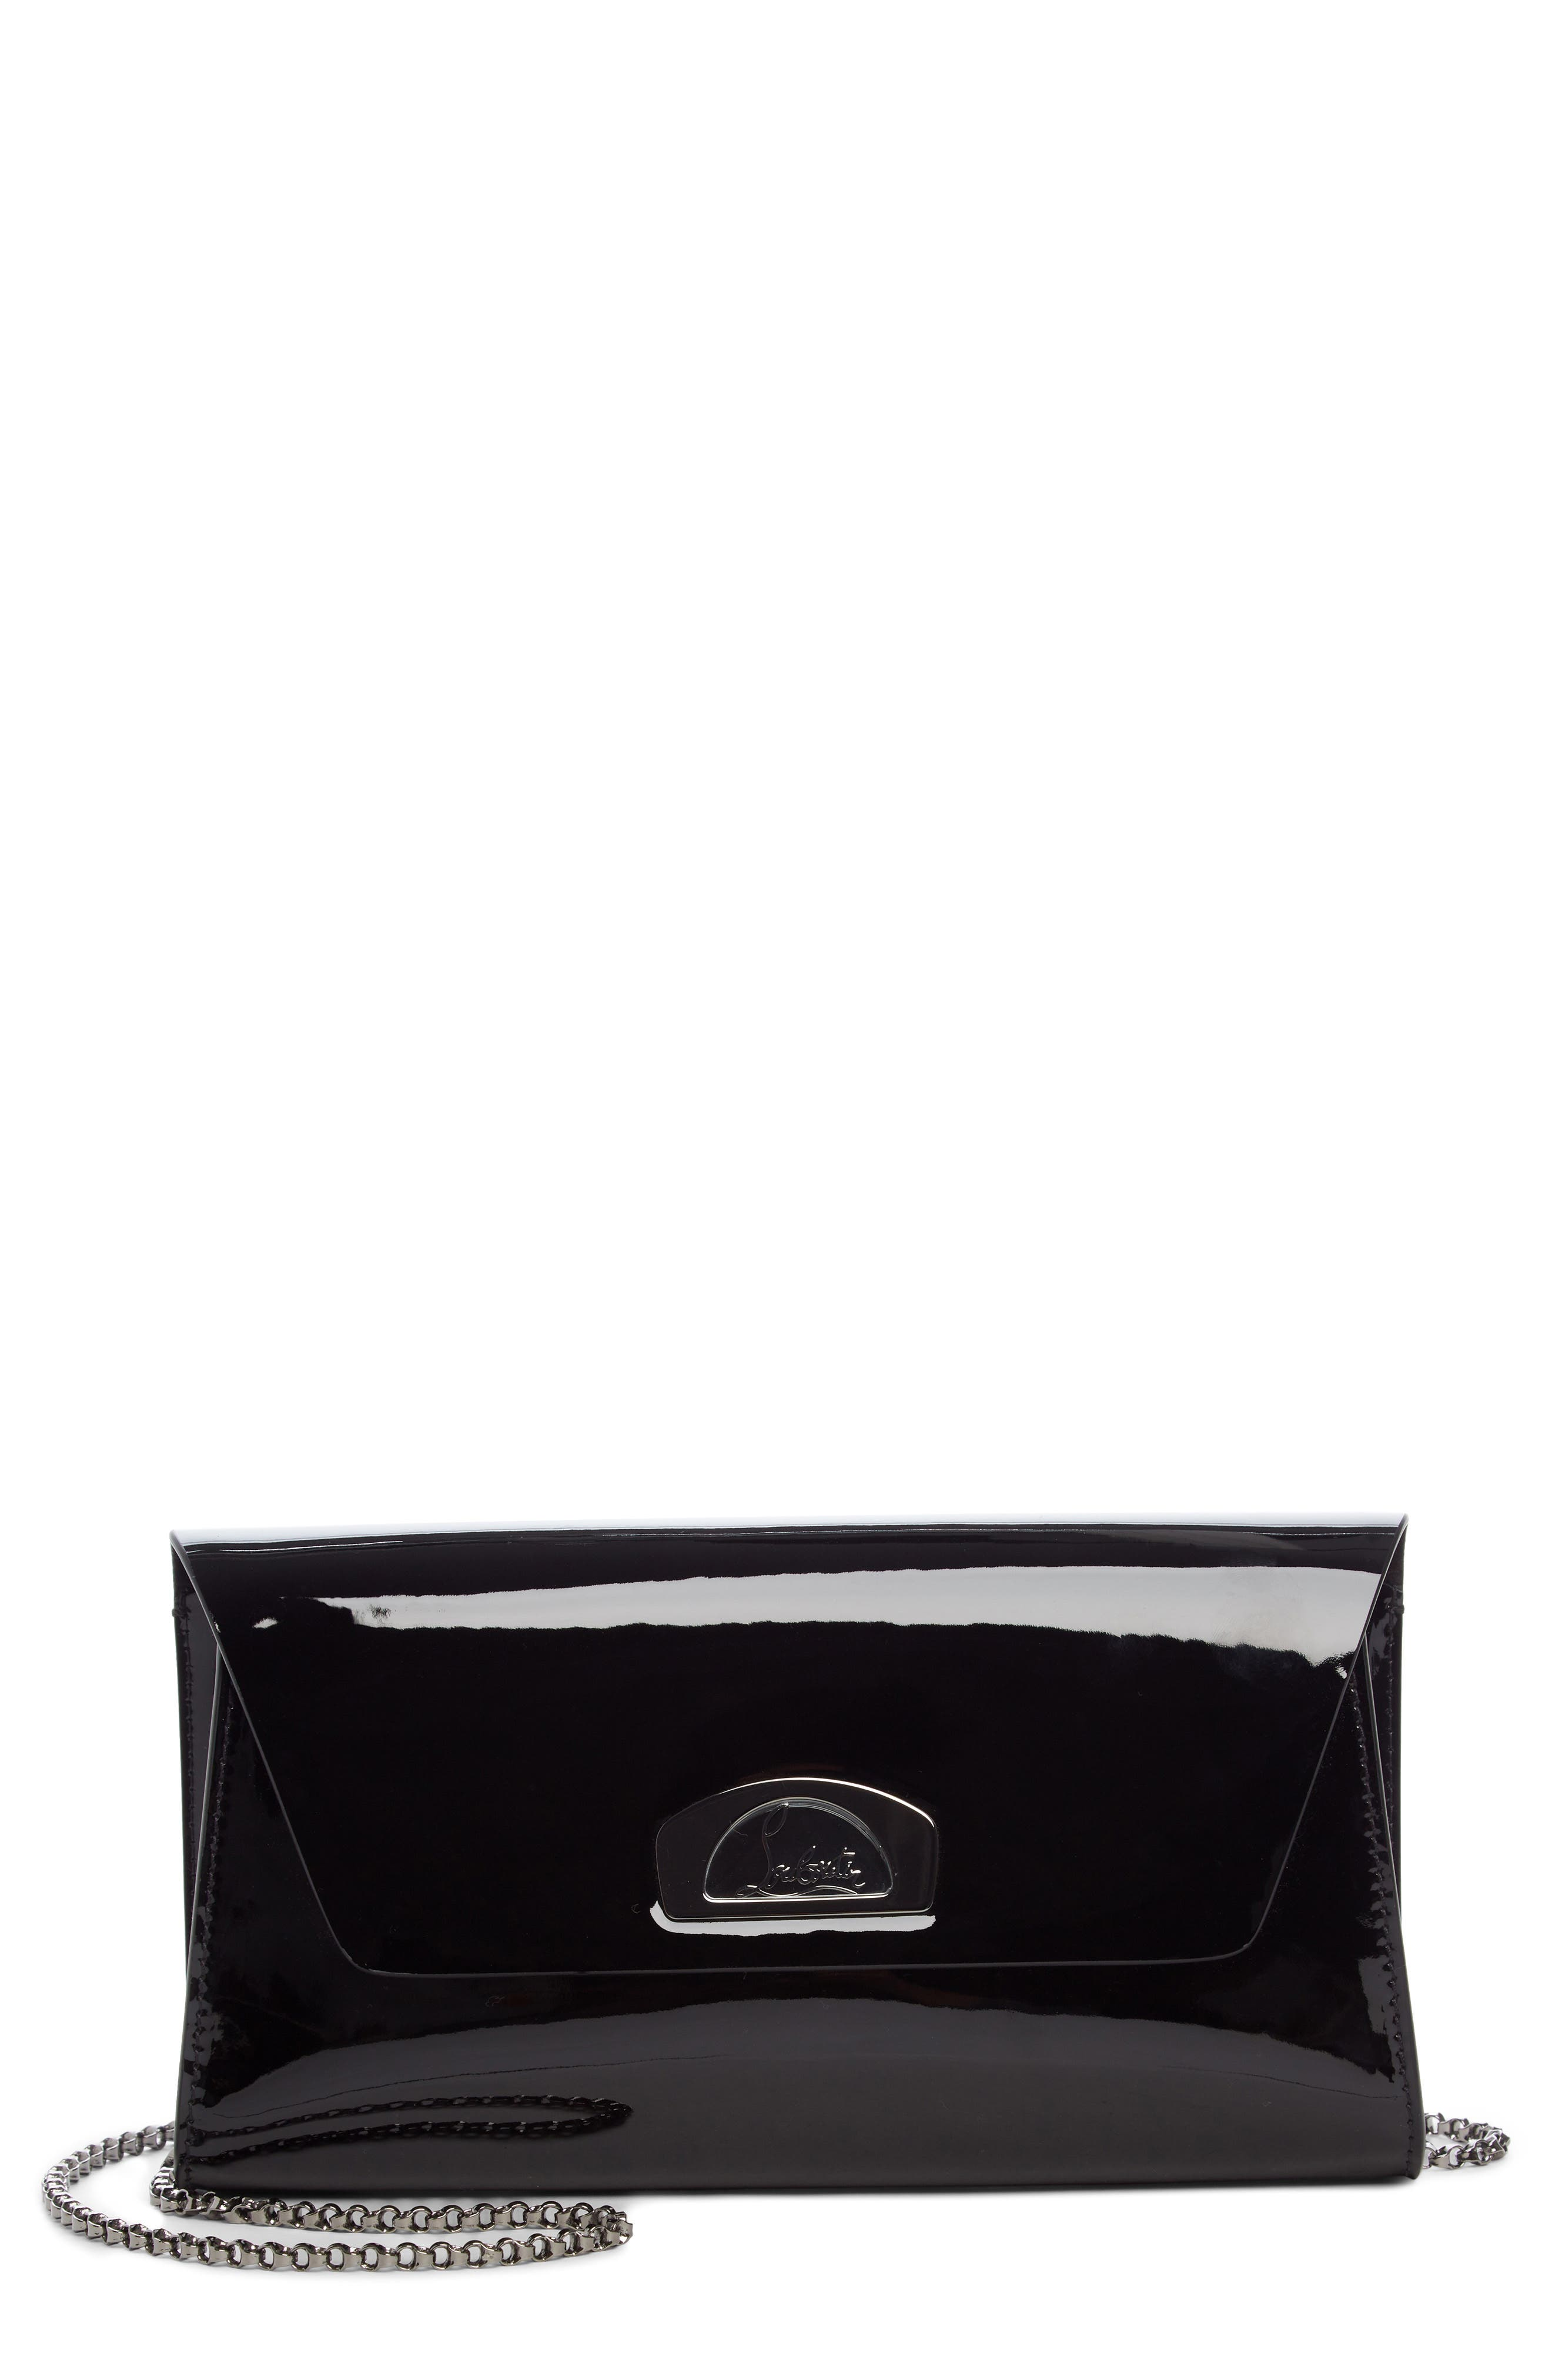 Vero Dodat Patent Leather Clutch,                         Main,                         color, BLACK